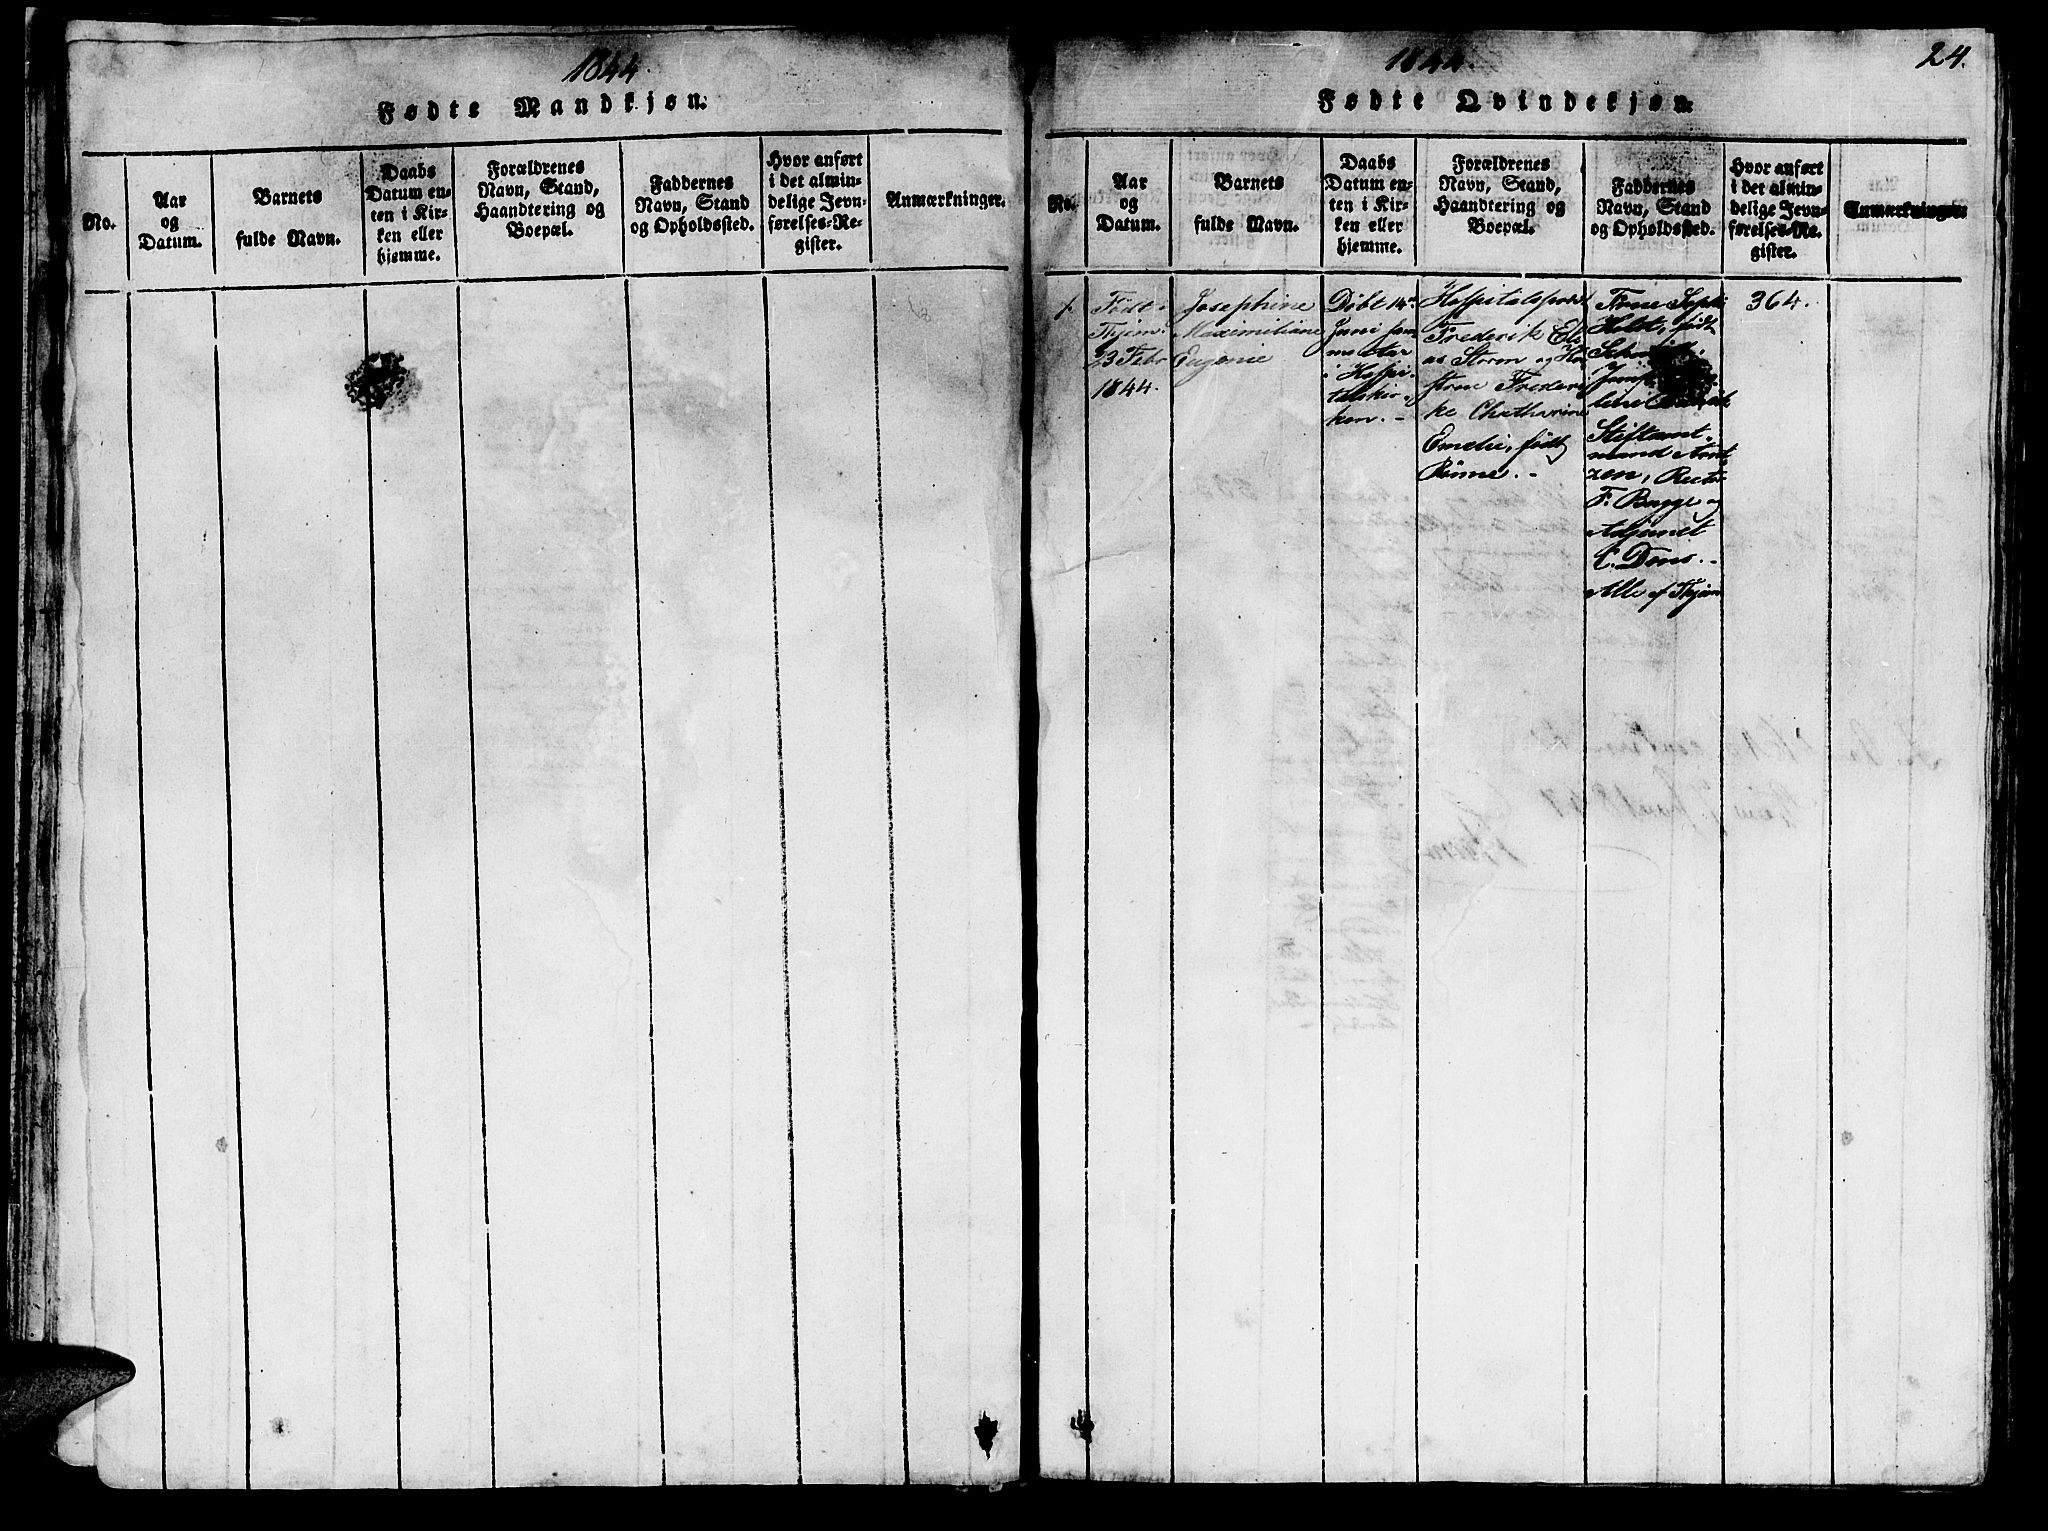 SAT, Ministerialprotokoller, klokkerbøker og fødselsregistre - Sør-Trøndelag, 623/L0478: Klokkerbok nr. 623C01, 1815-1873, s. 24